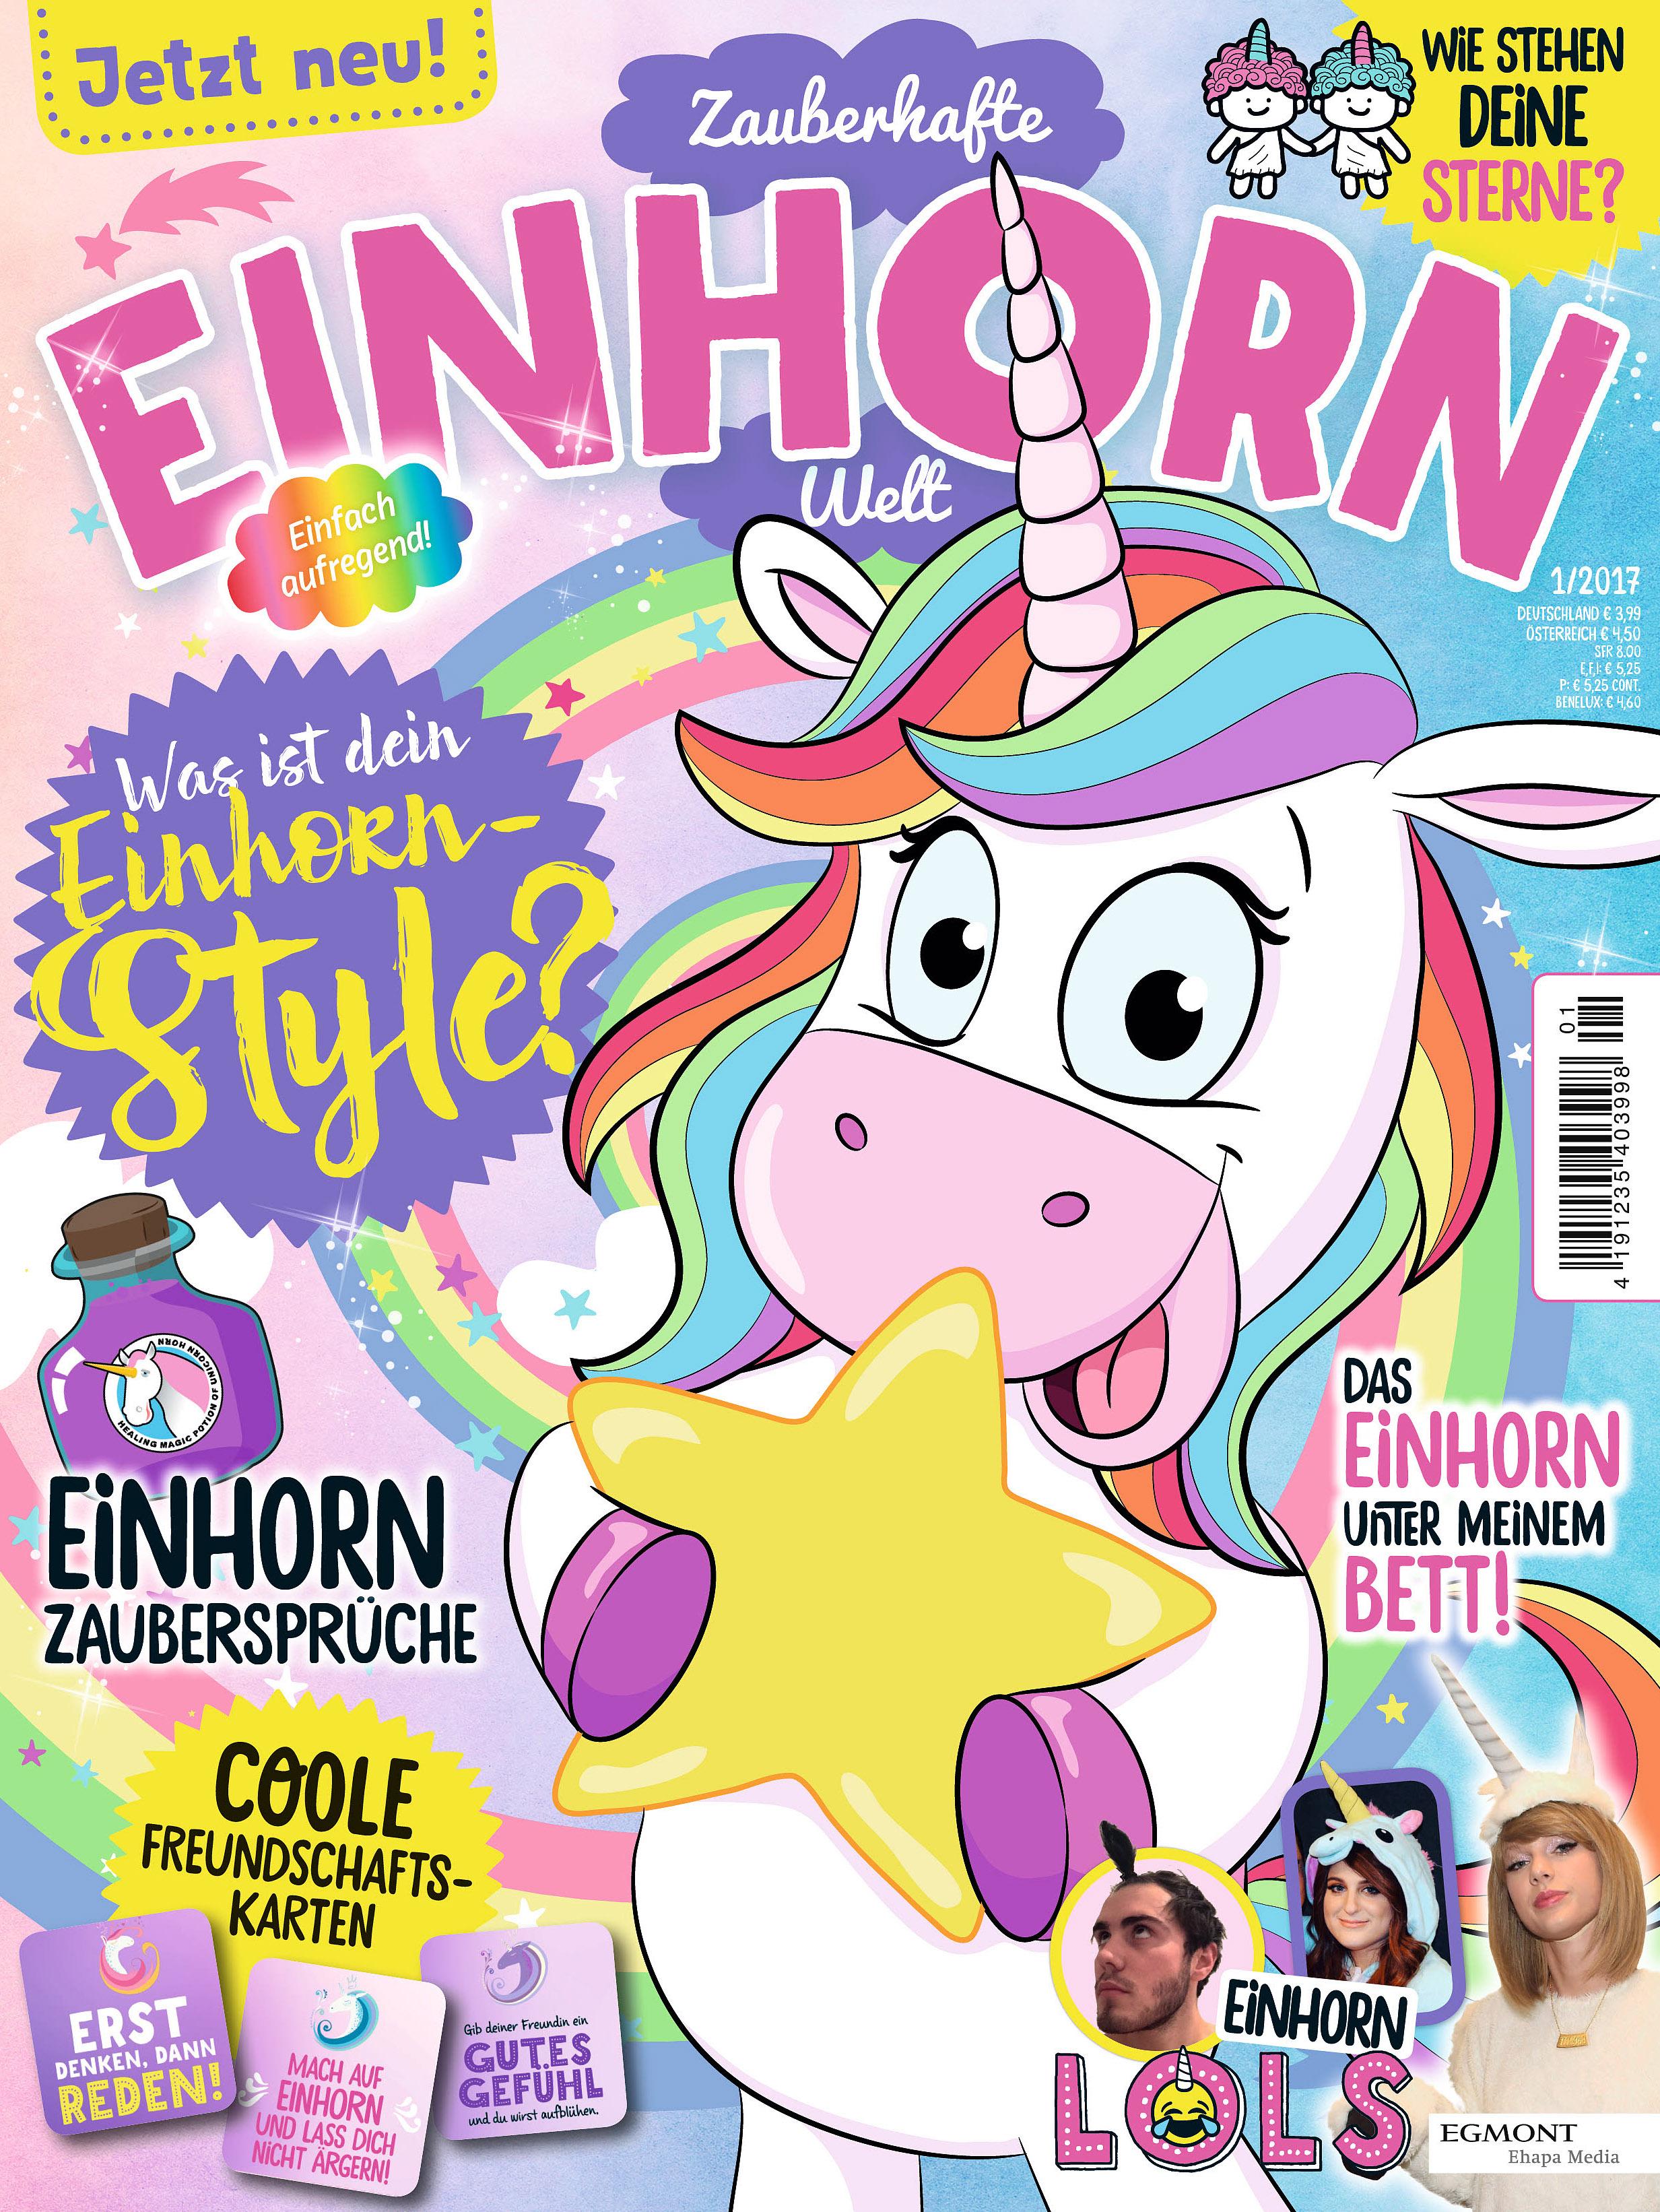 Egmont Ehapa Launcht Toy Story Magazin: Fantastische Einhörner Jetzt Als Magazin: Zauberhafte